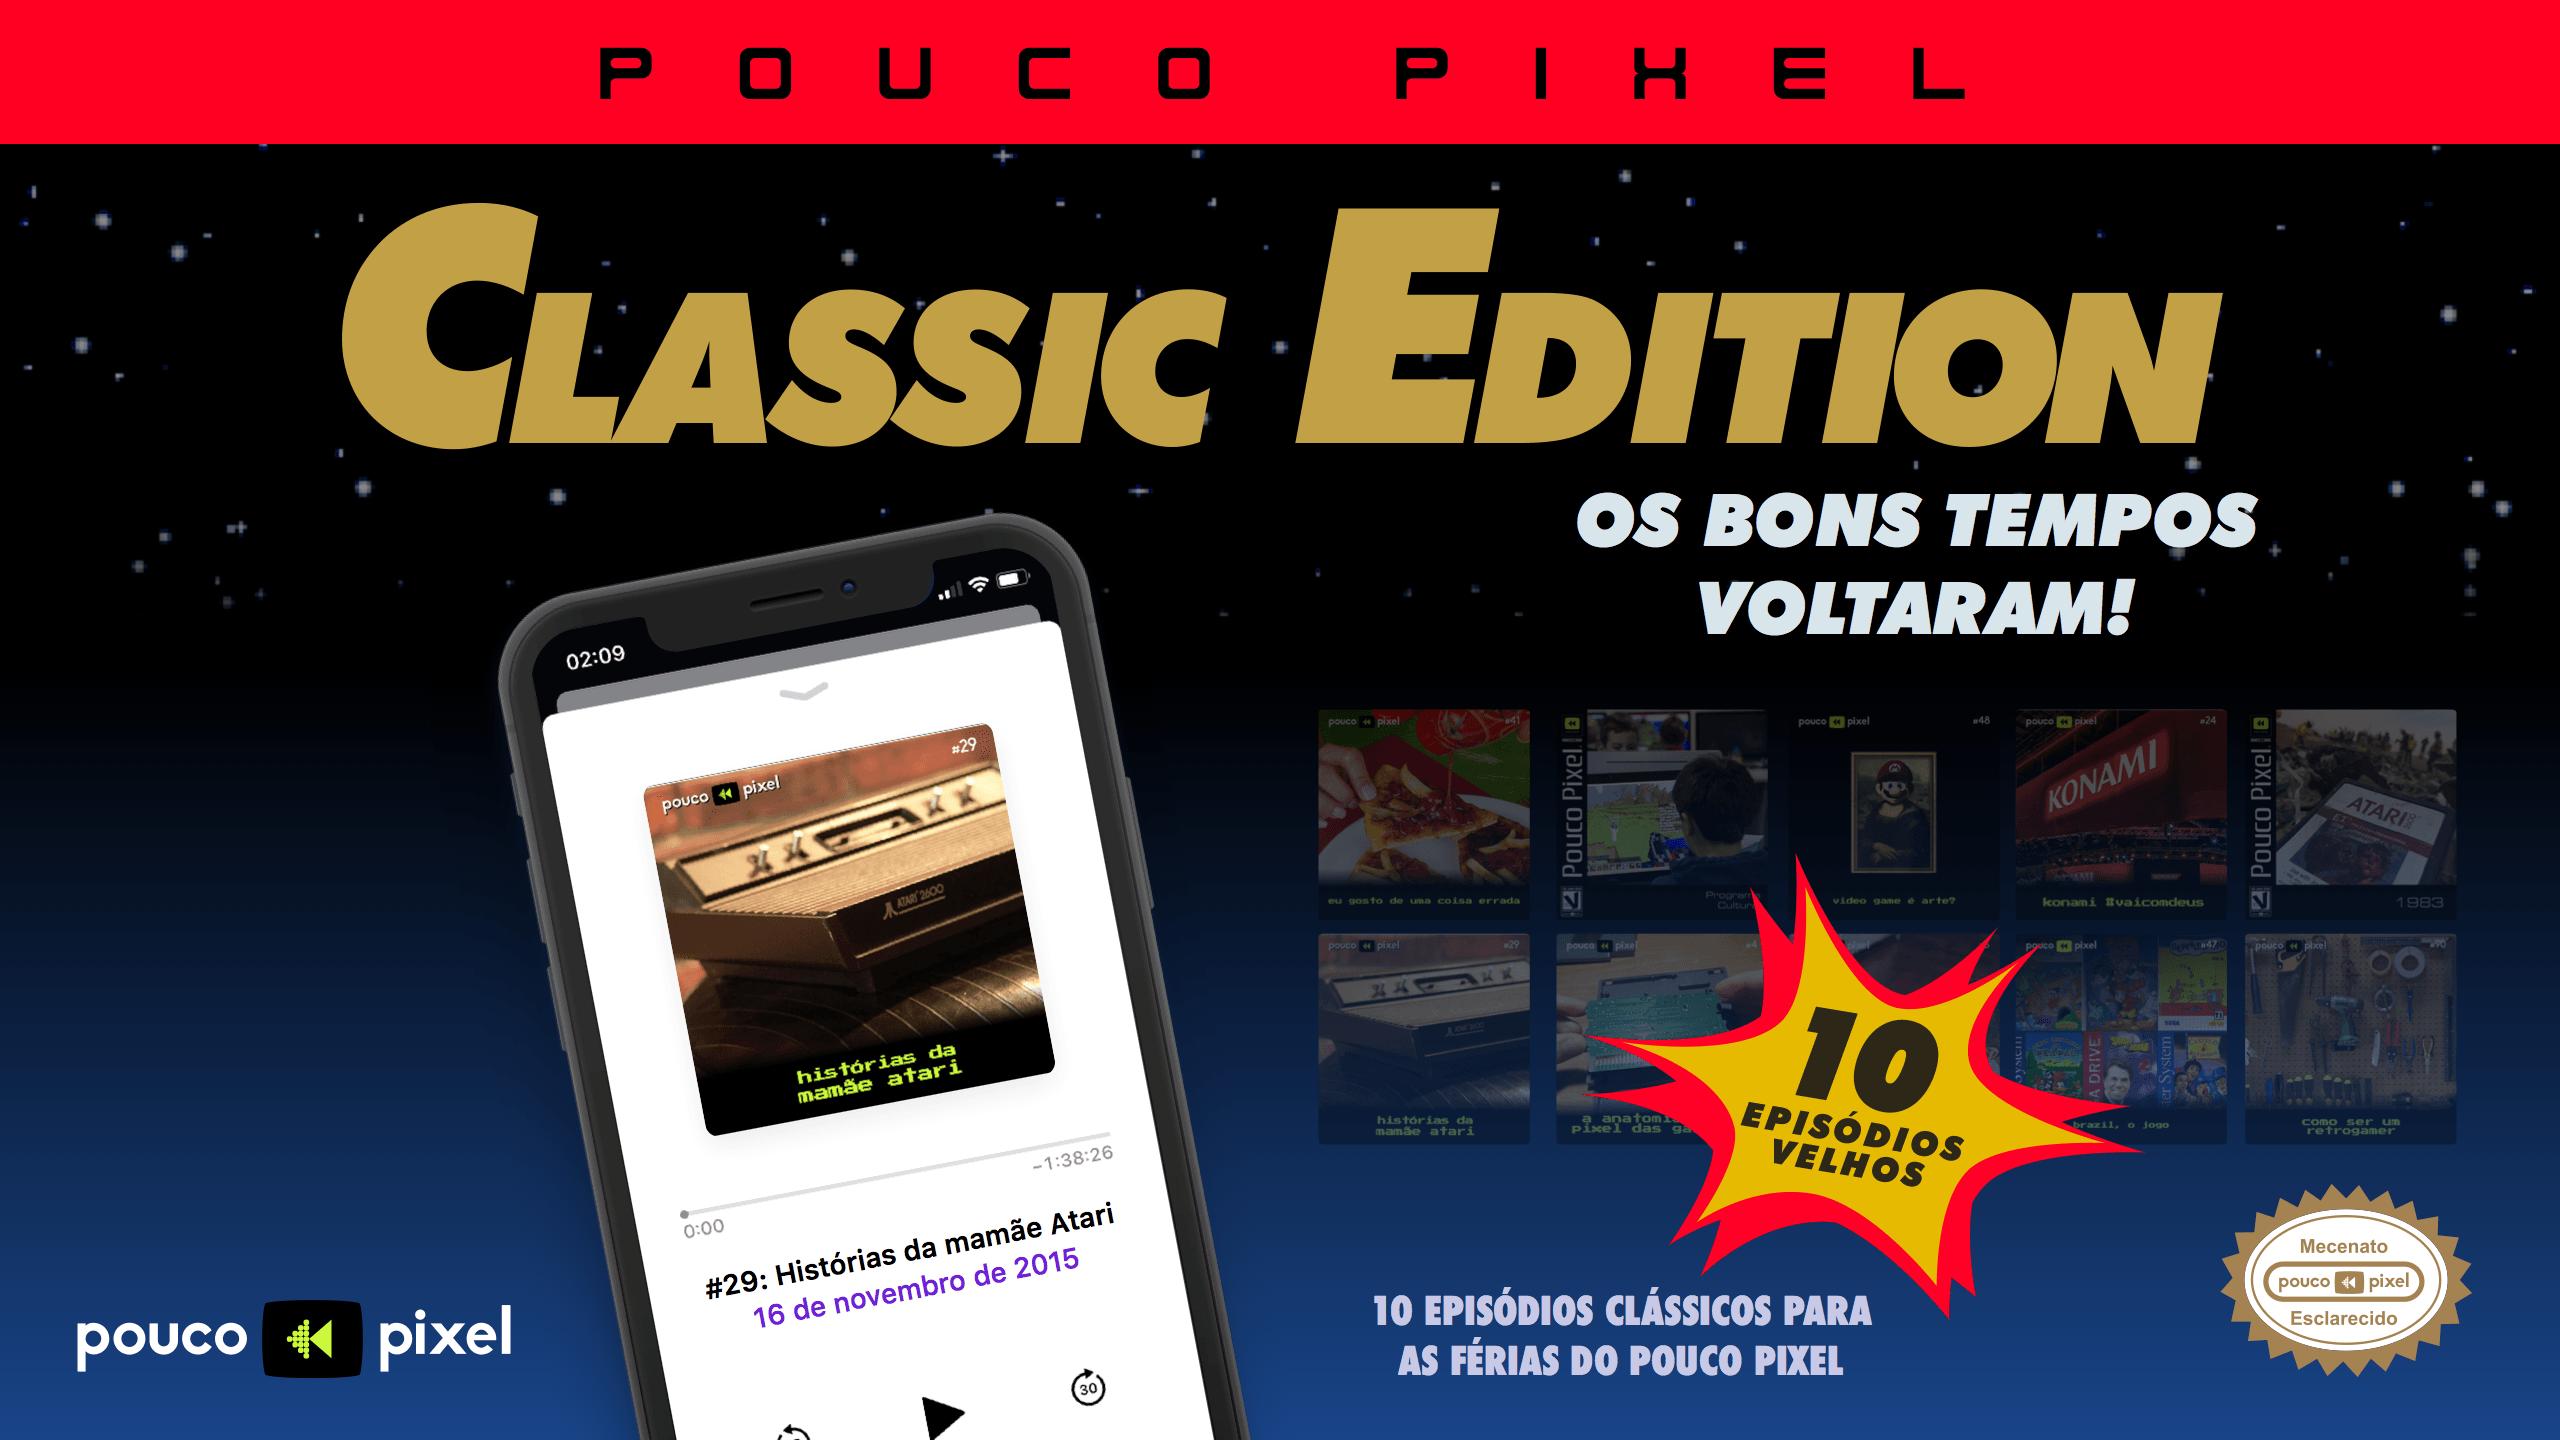 Pouco Pixel Classic Edition 7 – Histórias da mamãe Atari